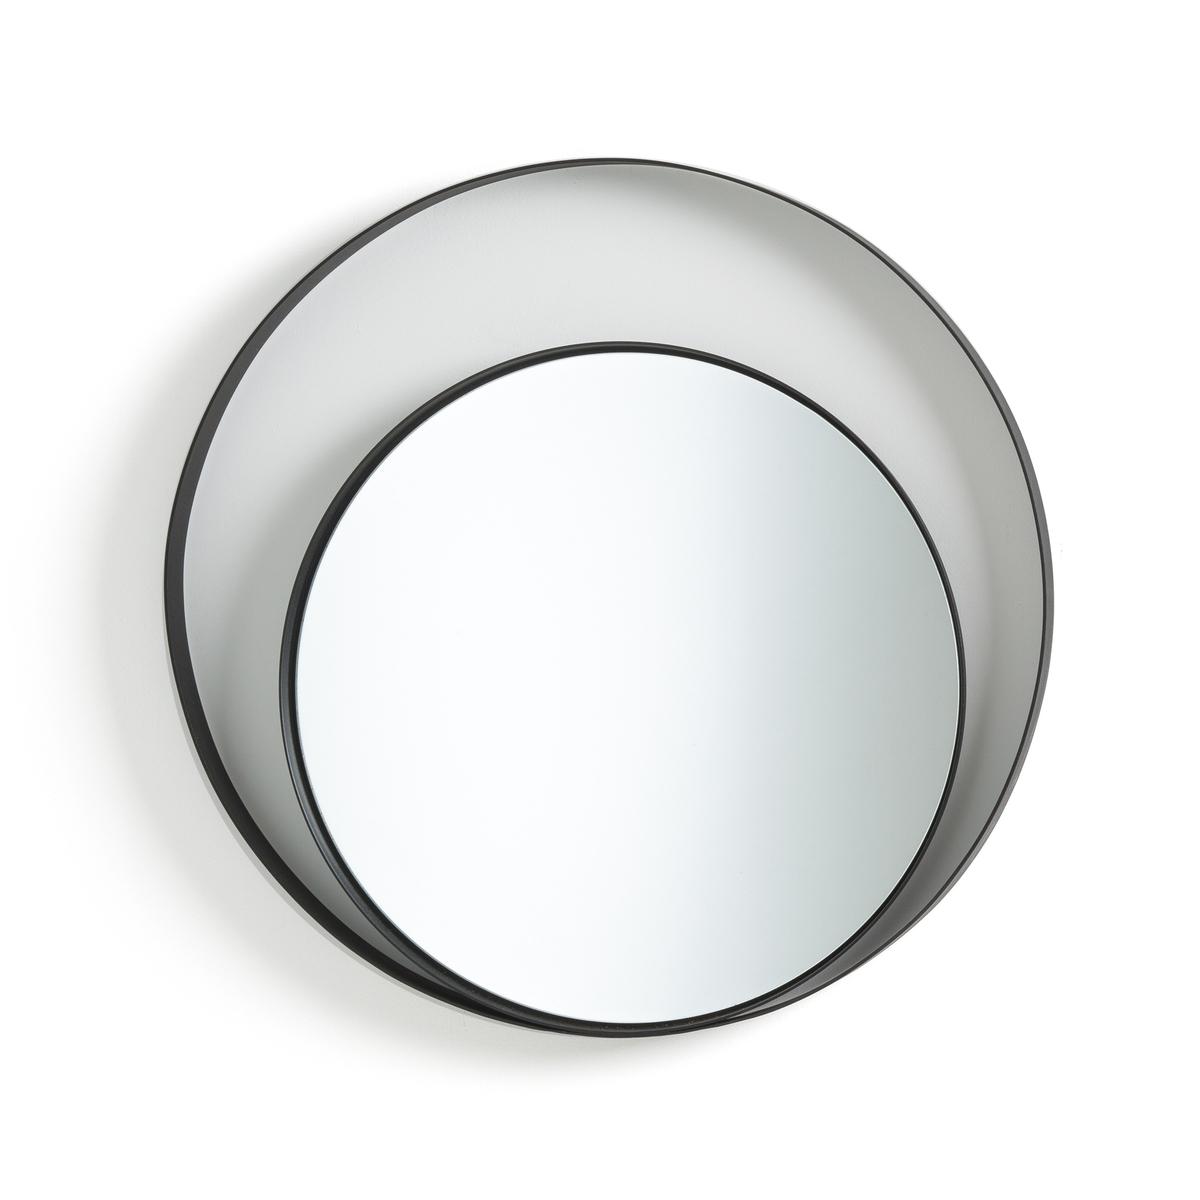 Зеркало La Redoute Круглое с двойным покрытием Palua единый размер черный зеркало круглое alaria